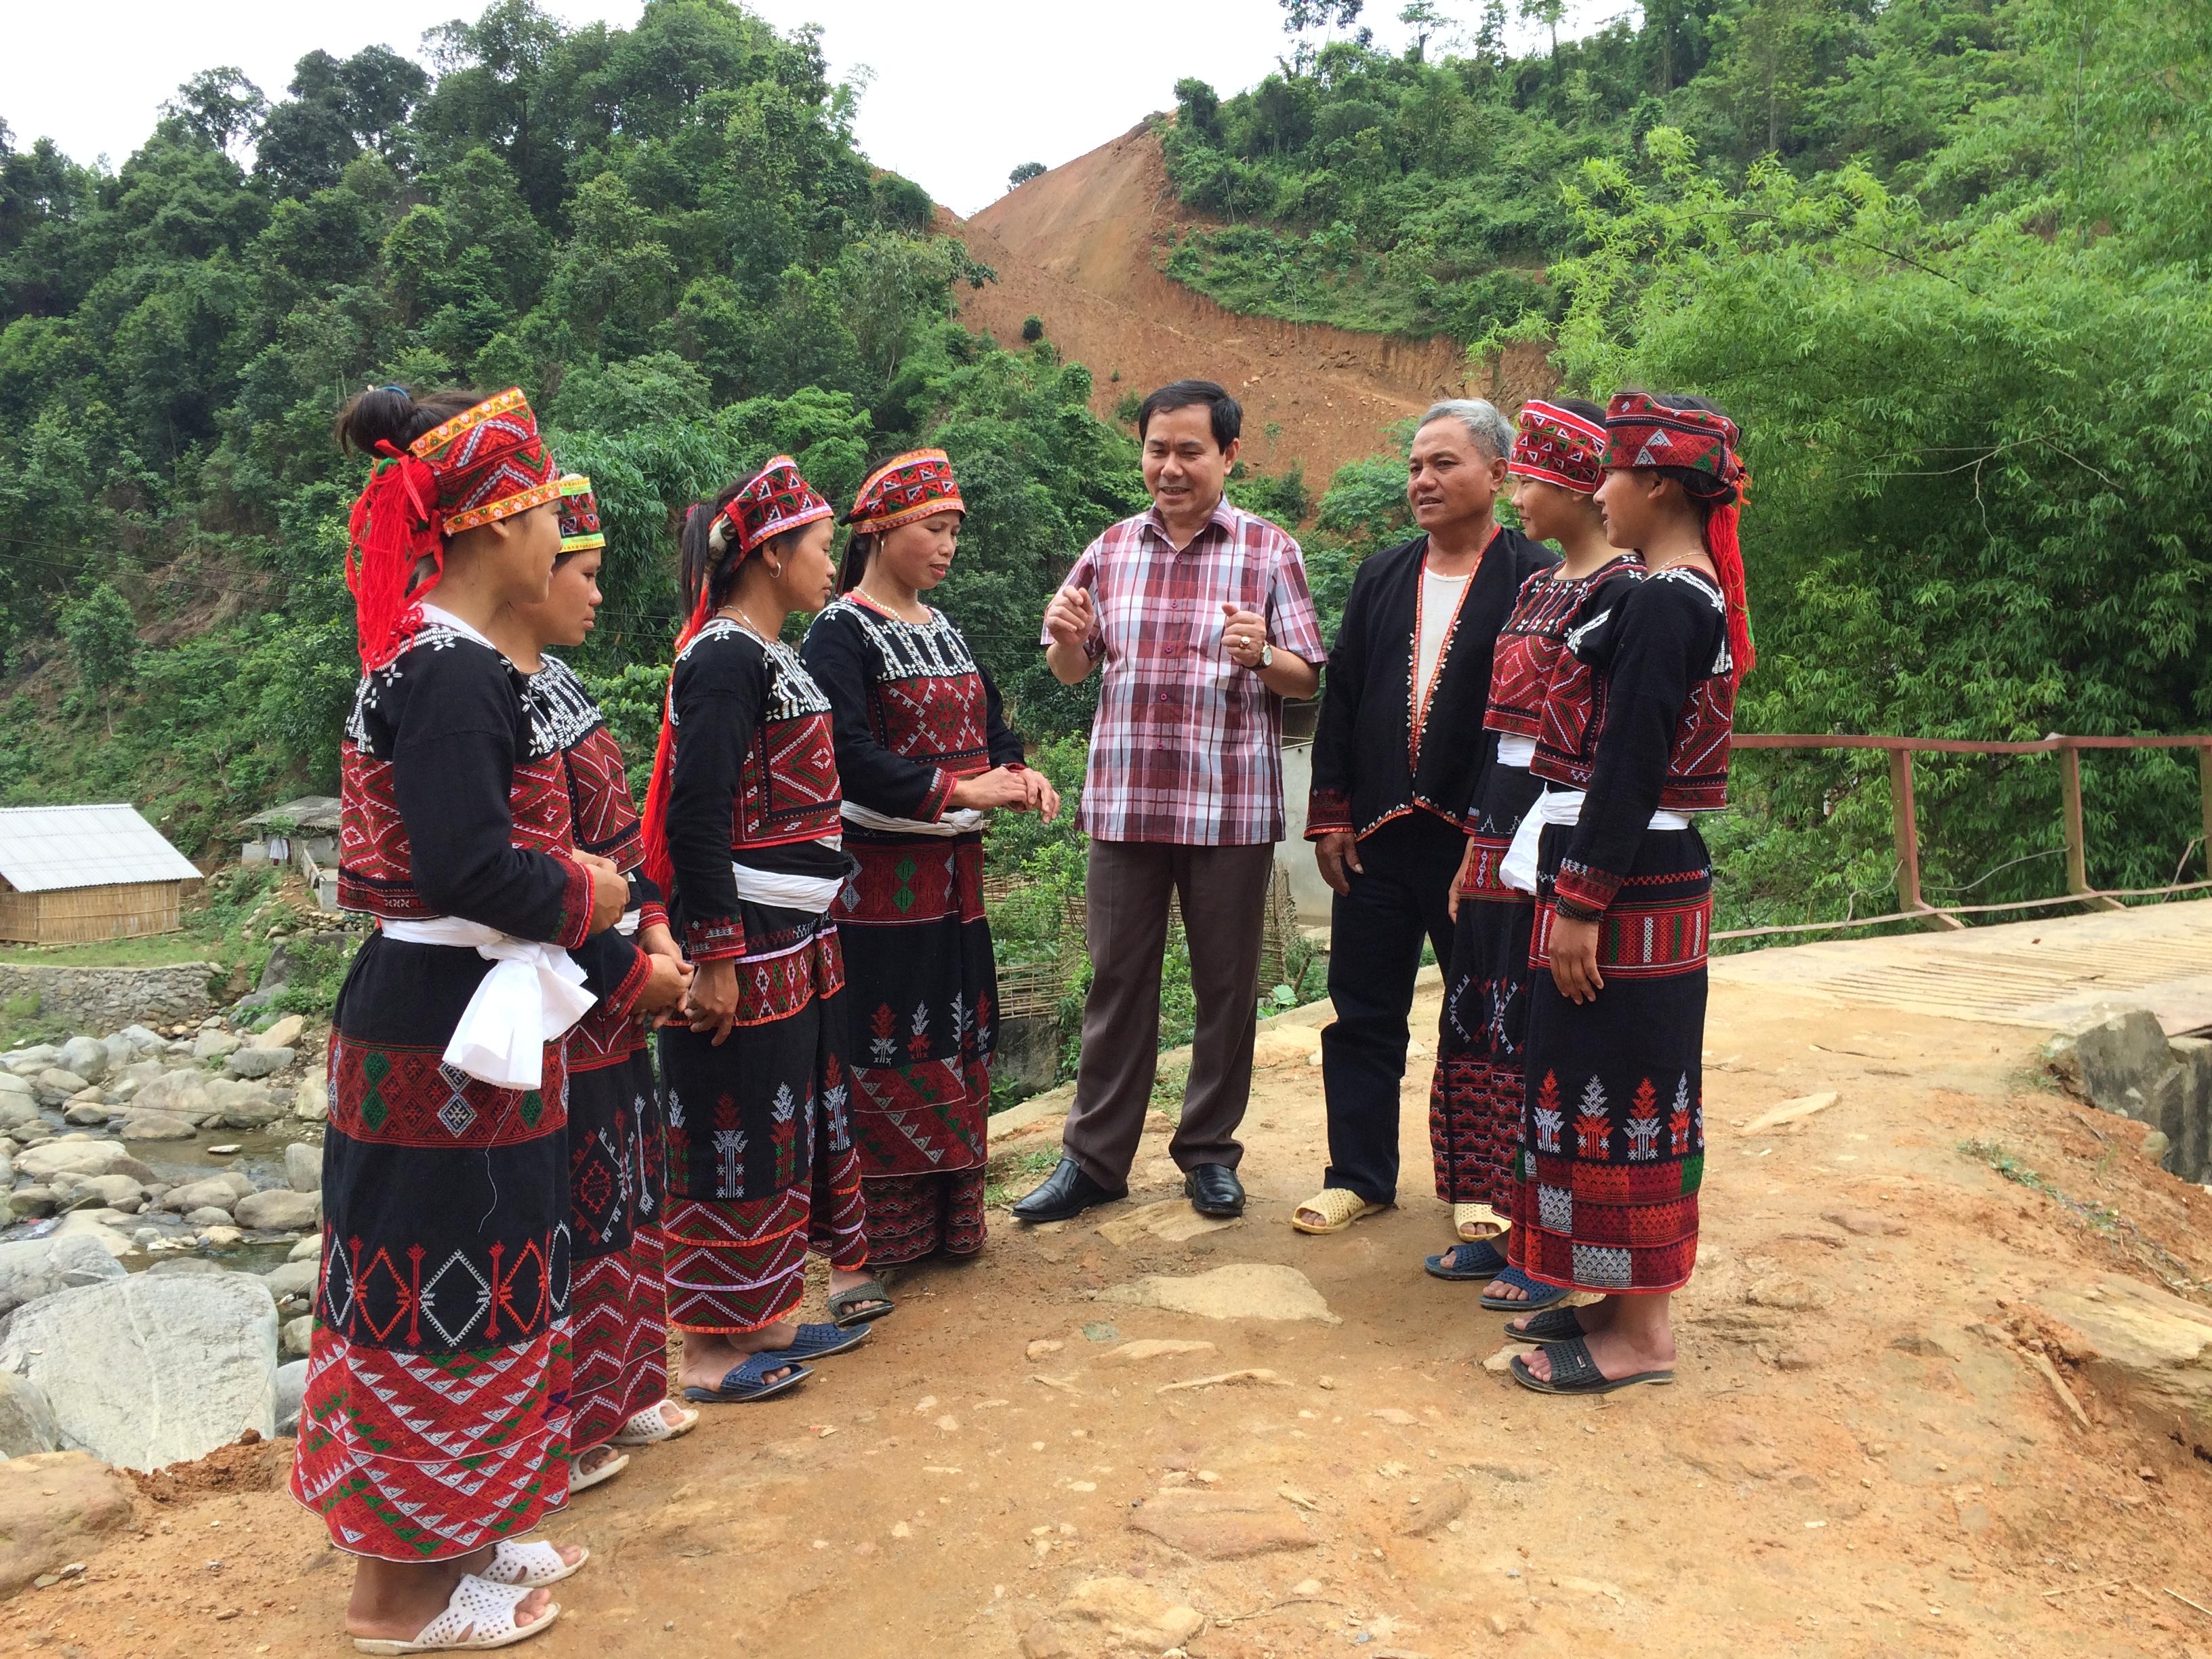 Trưởng ban Dân tộc tỉnh Lào Cai Nông Đức Ngọc với bà con Nhân dân xã Hợp Thành, thành phố Lào Cai